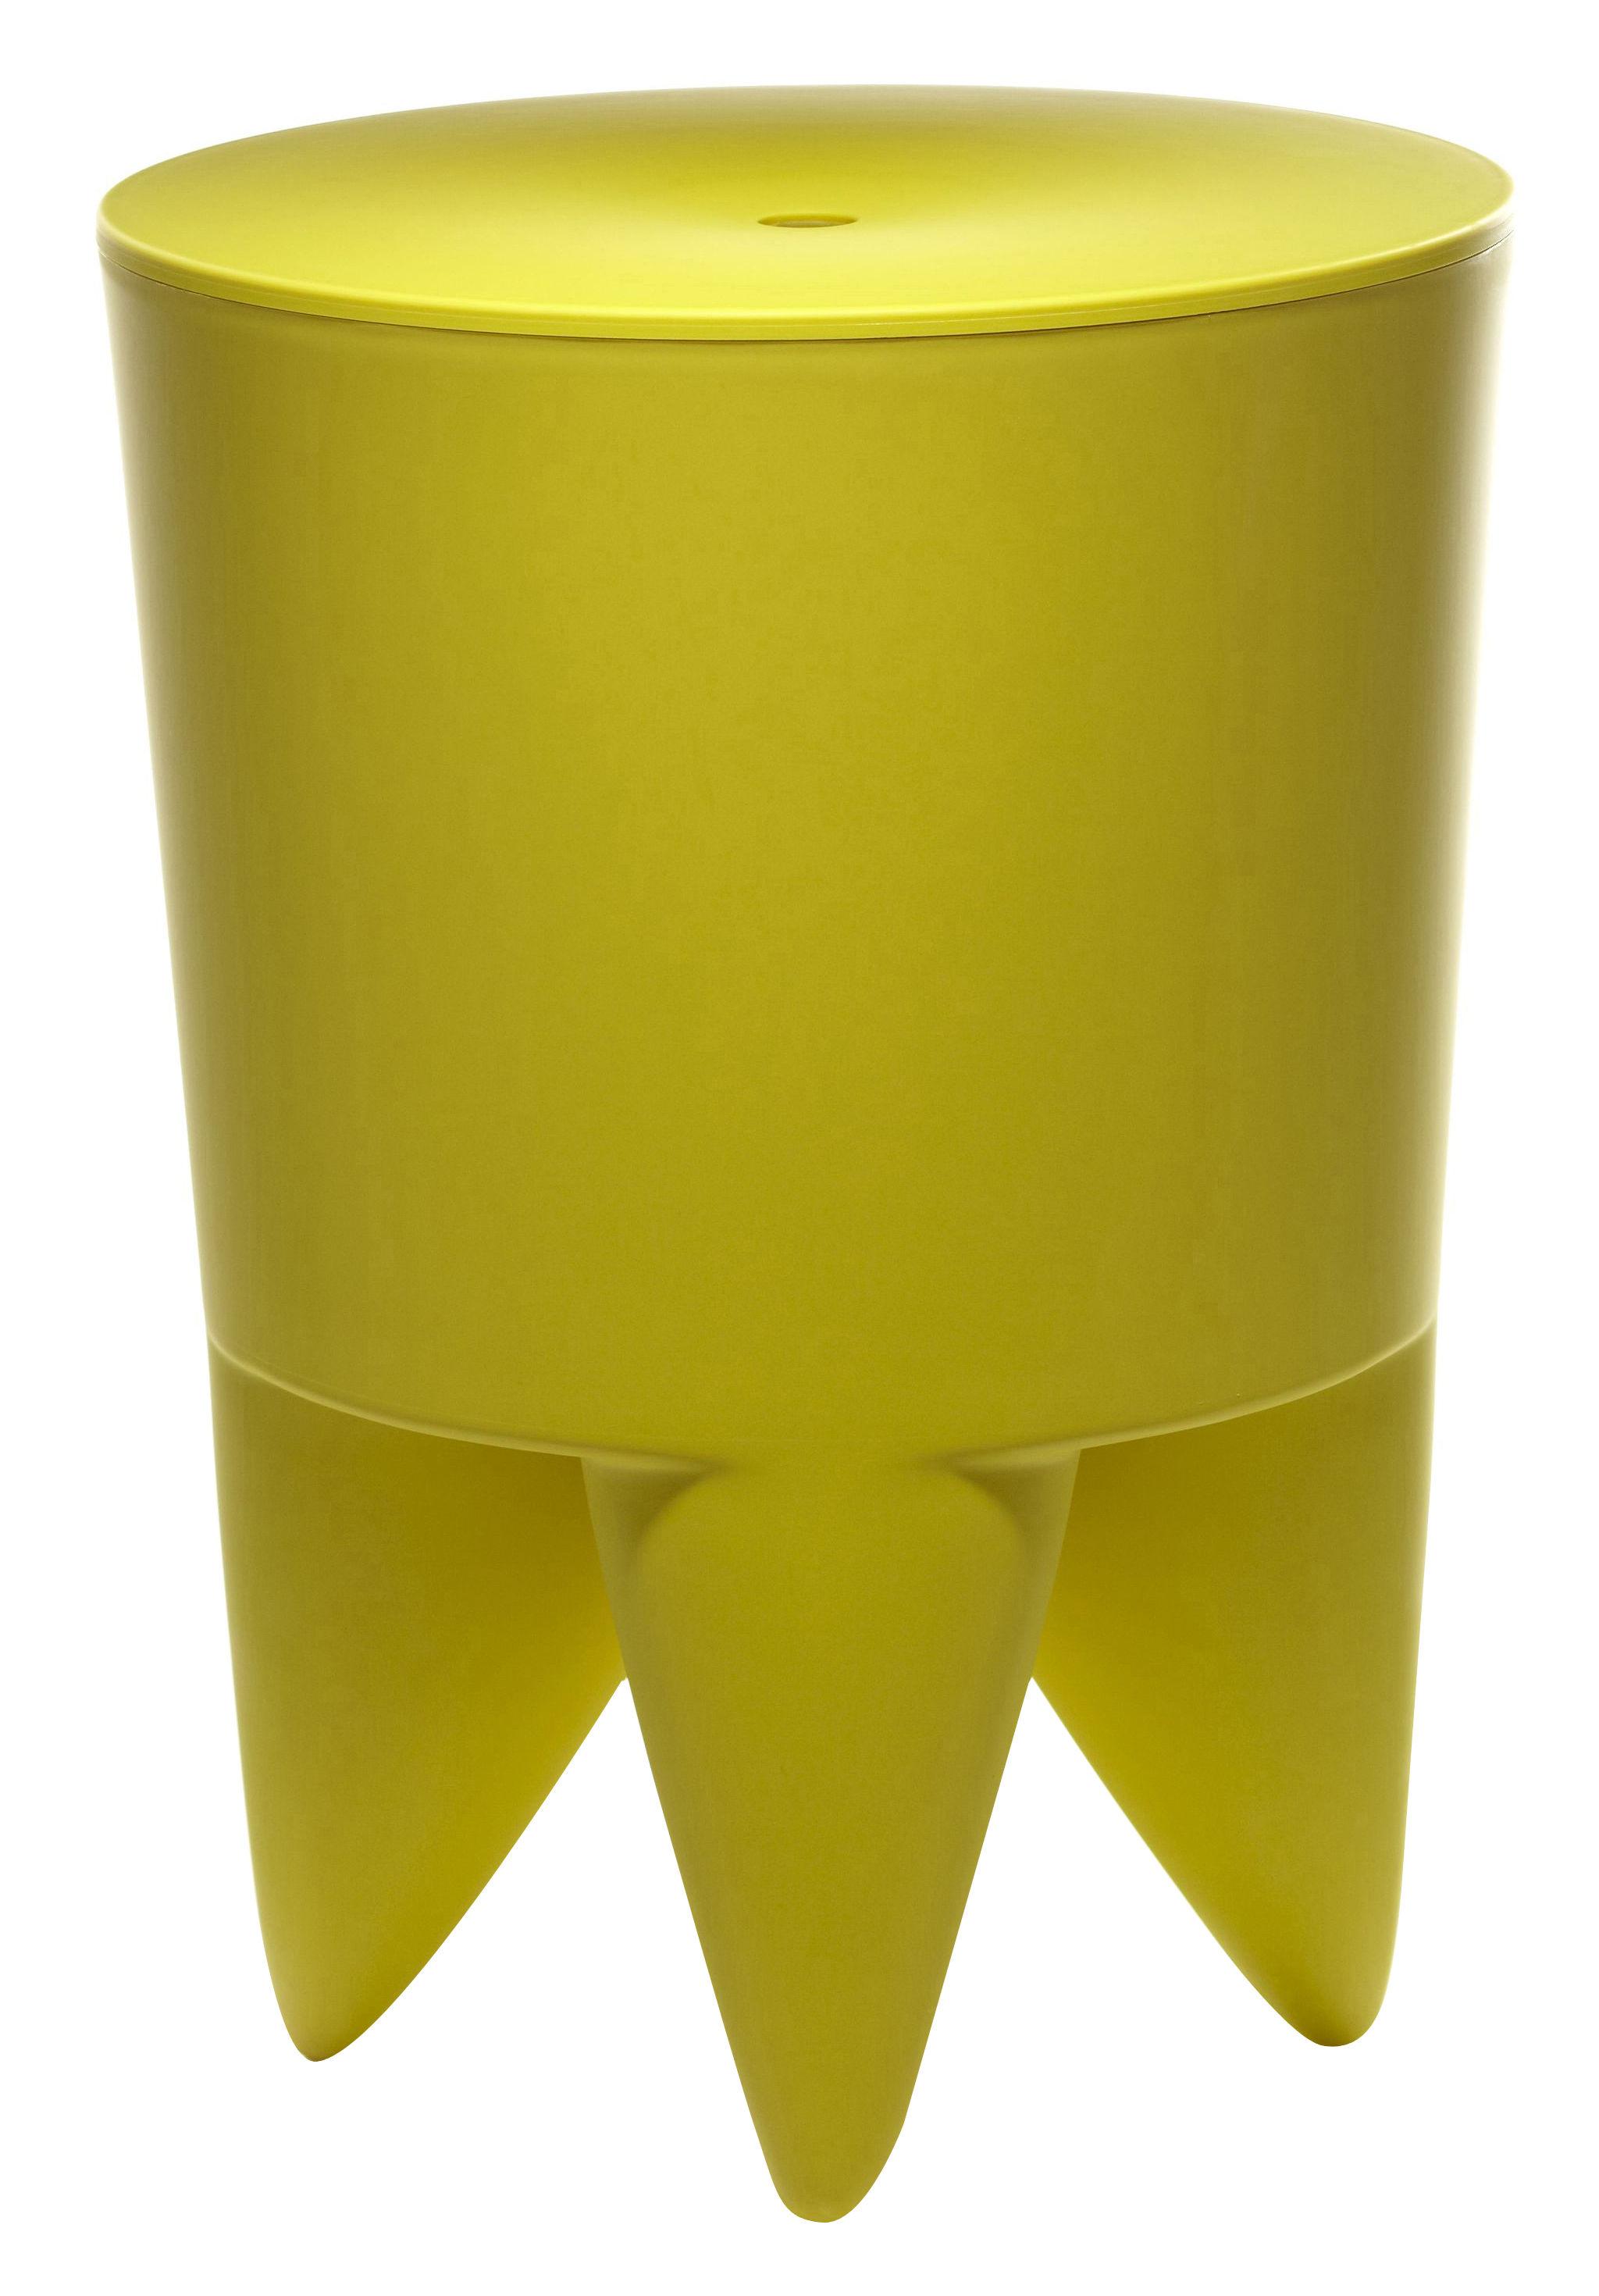 tabouret new bubu 1er coffre plastique absinthe xo. Black Bedroom Furniture Sets. Home Design Ideas